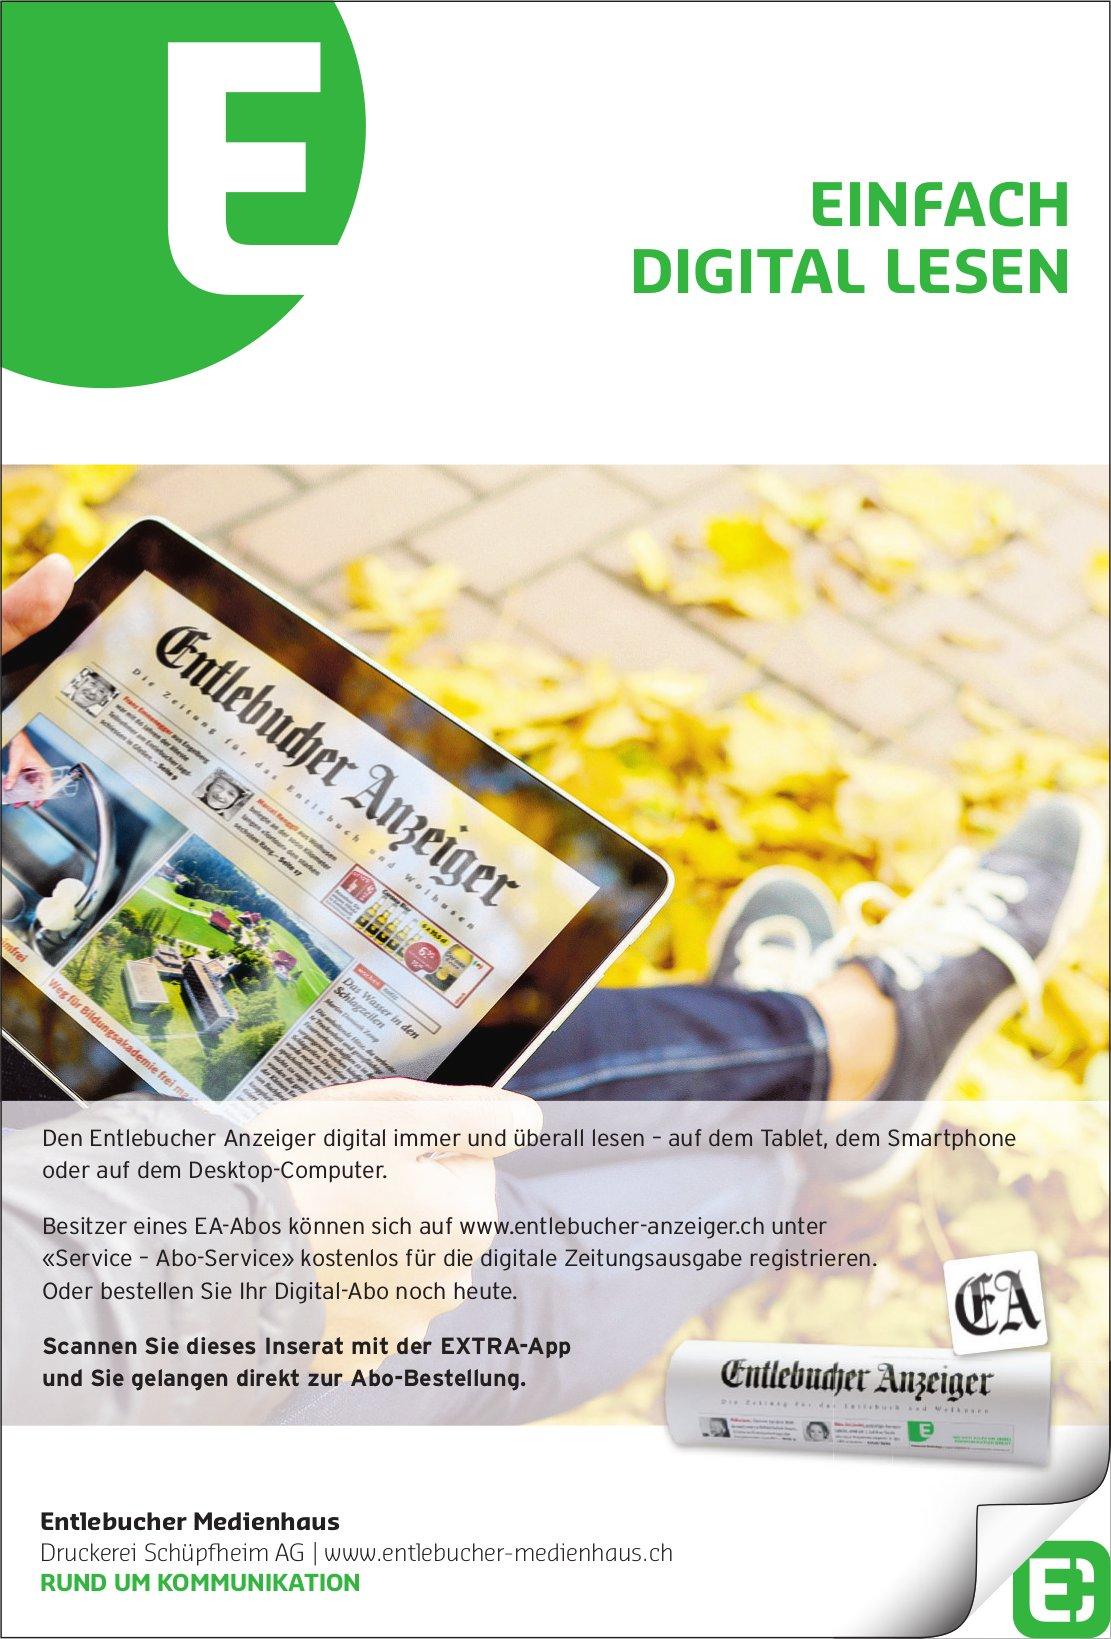 Entlebucher Medienhaus - EINFACH DIGITAL LESEN